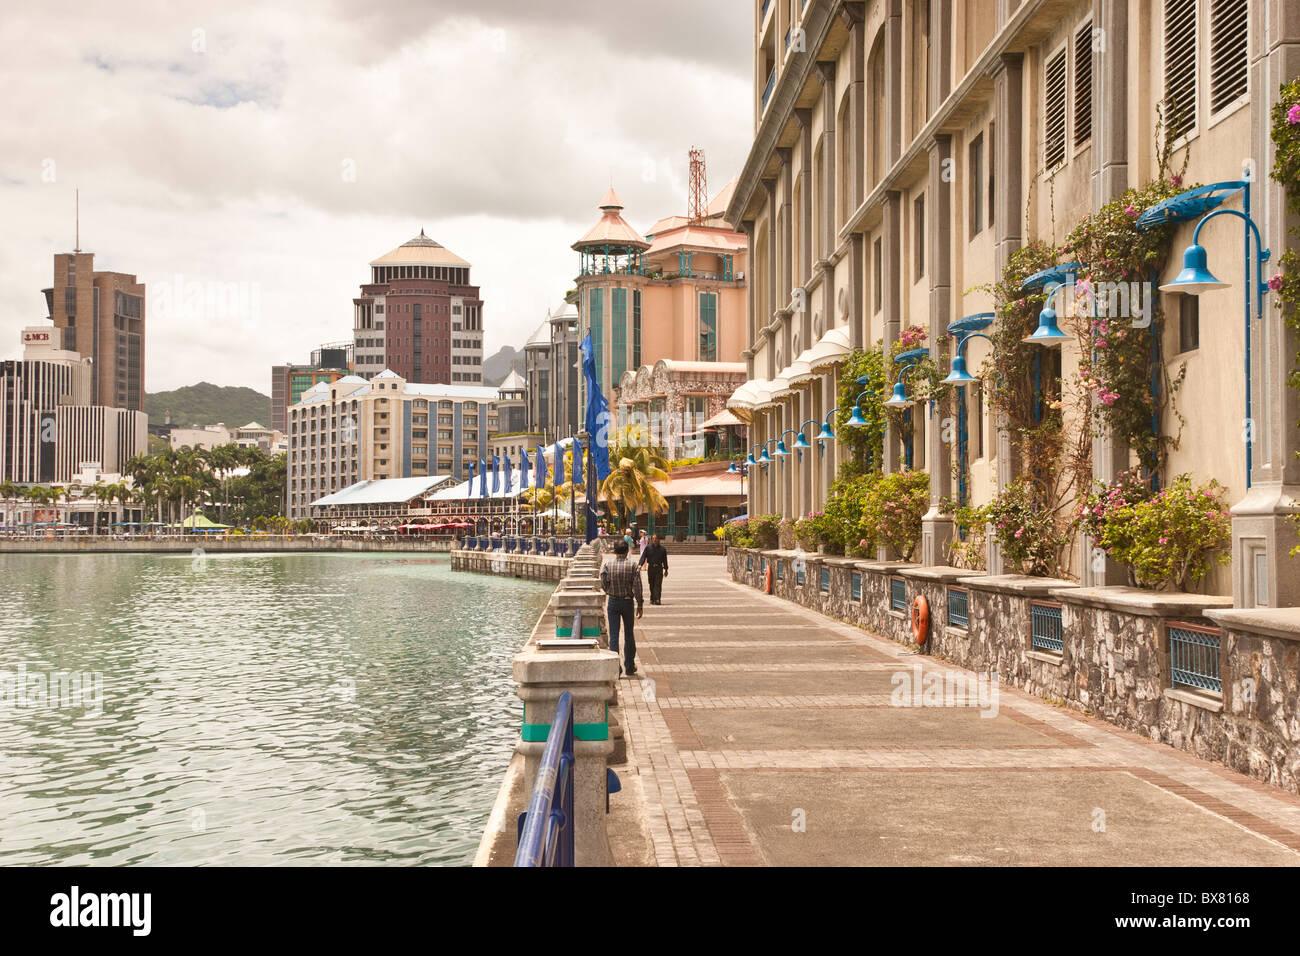 Harbourside Port Louis Mauritius - Stock Image